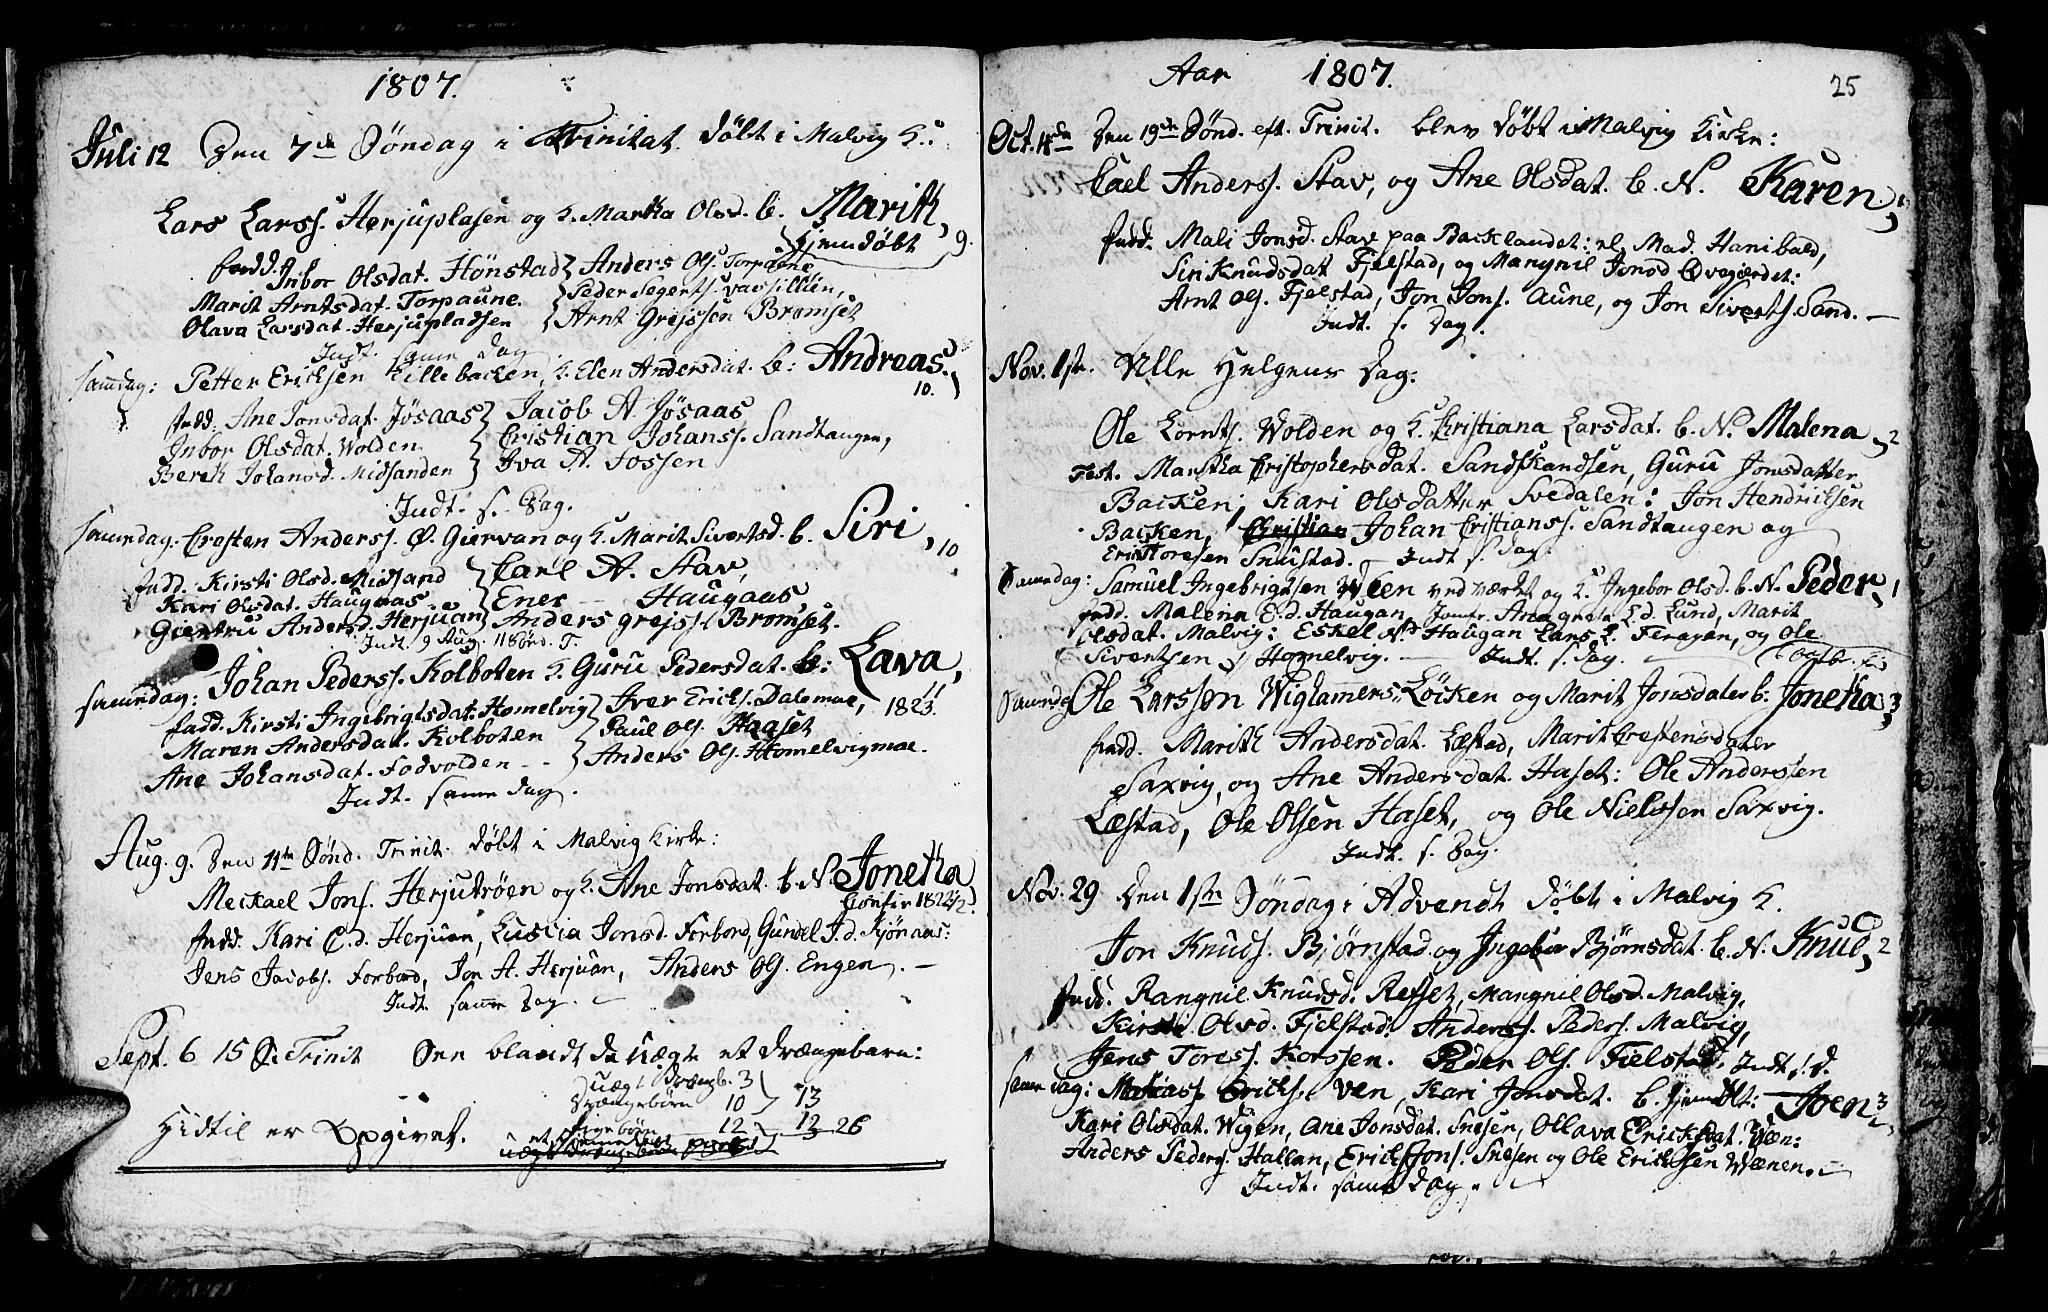 SAT, Ministerialprotokoller, klokkerbøker og fødselsregistre - Sør-Trøndelag, 616/L0419: Klokkerbok nr. 616C02, 1797-1816, s. 25